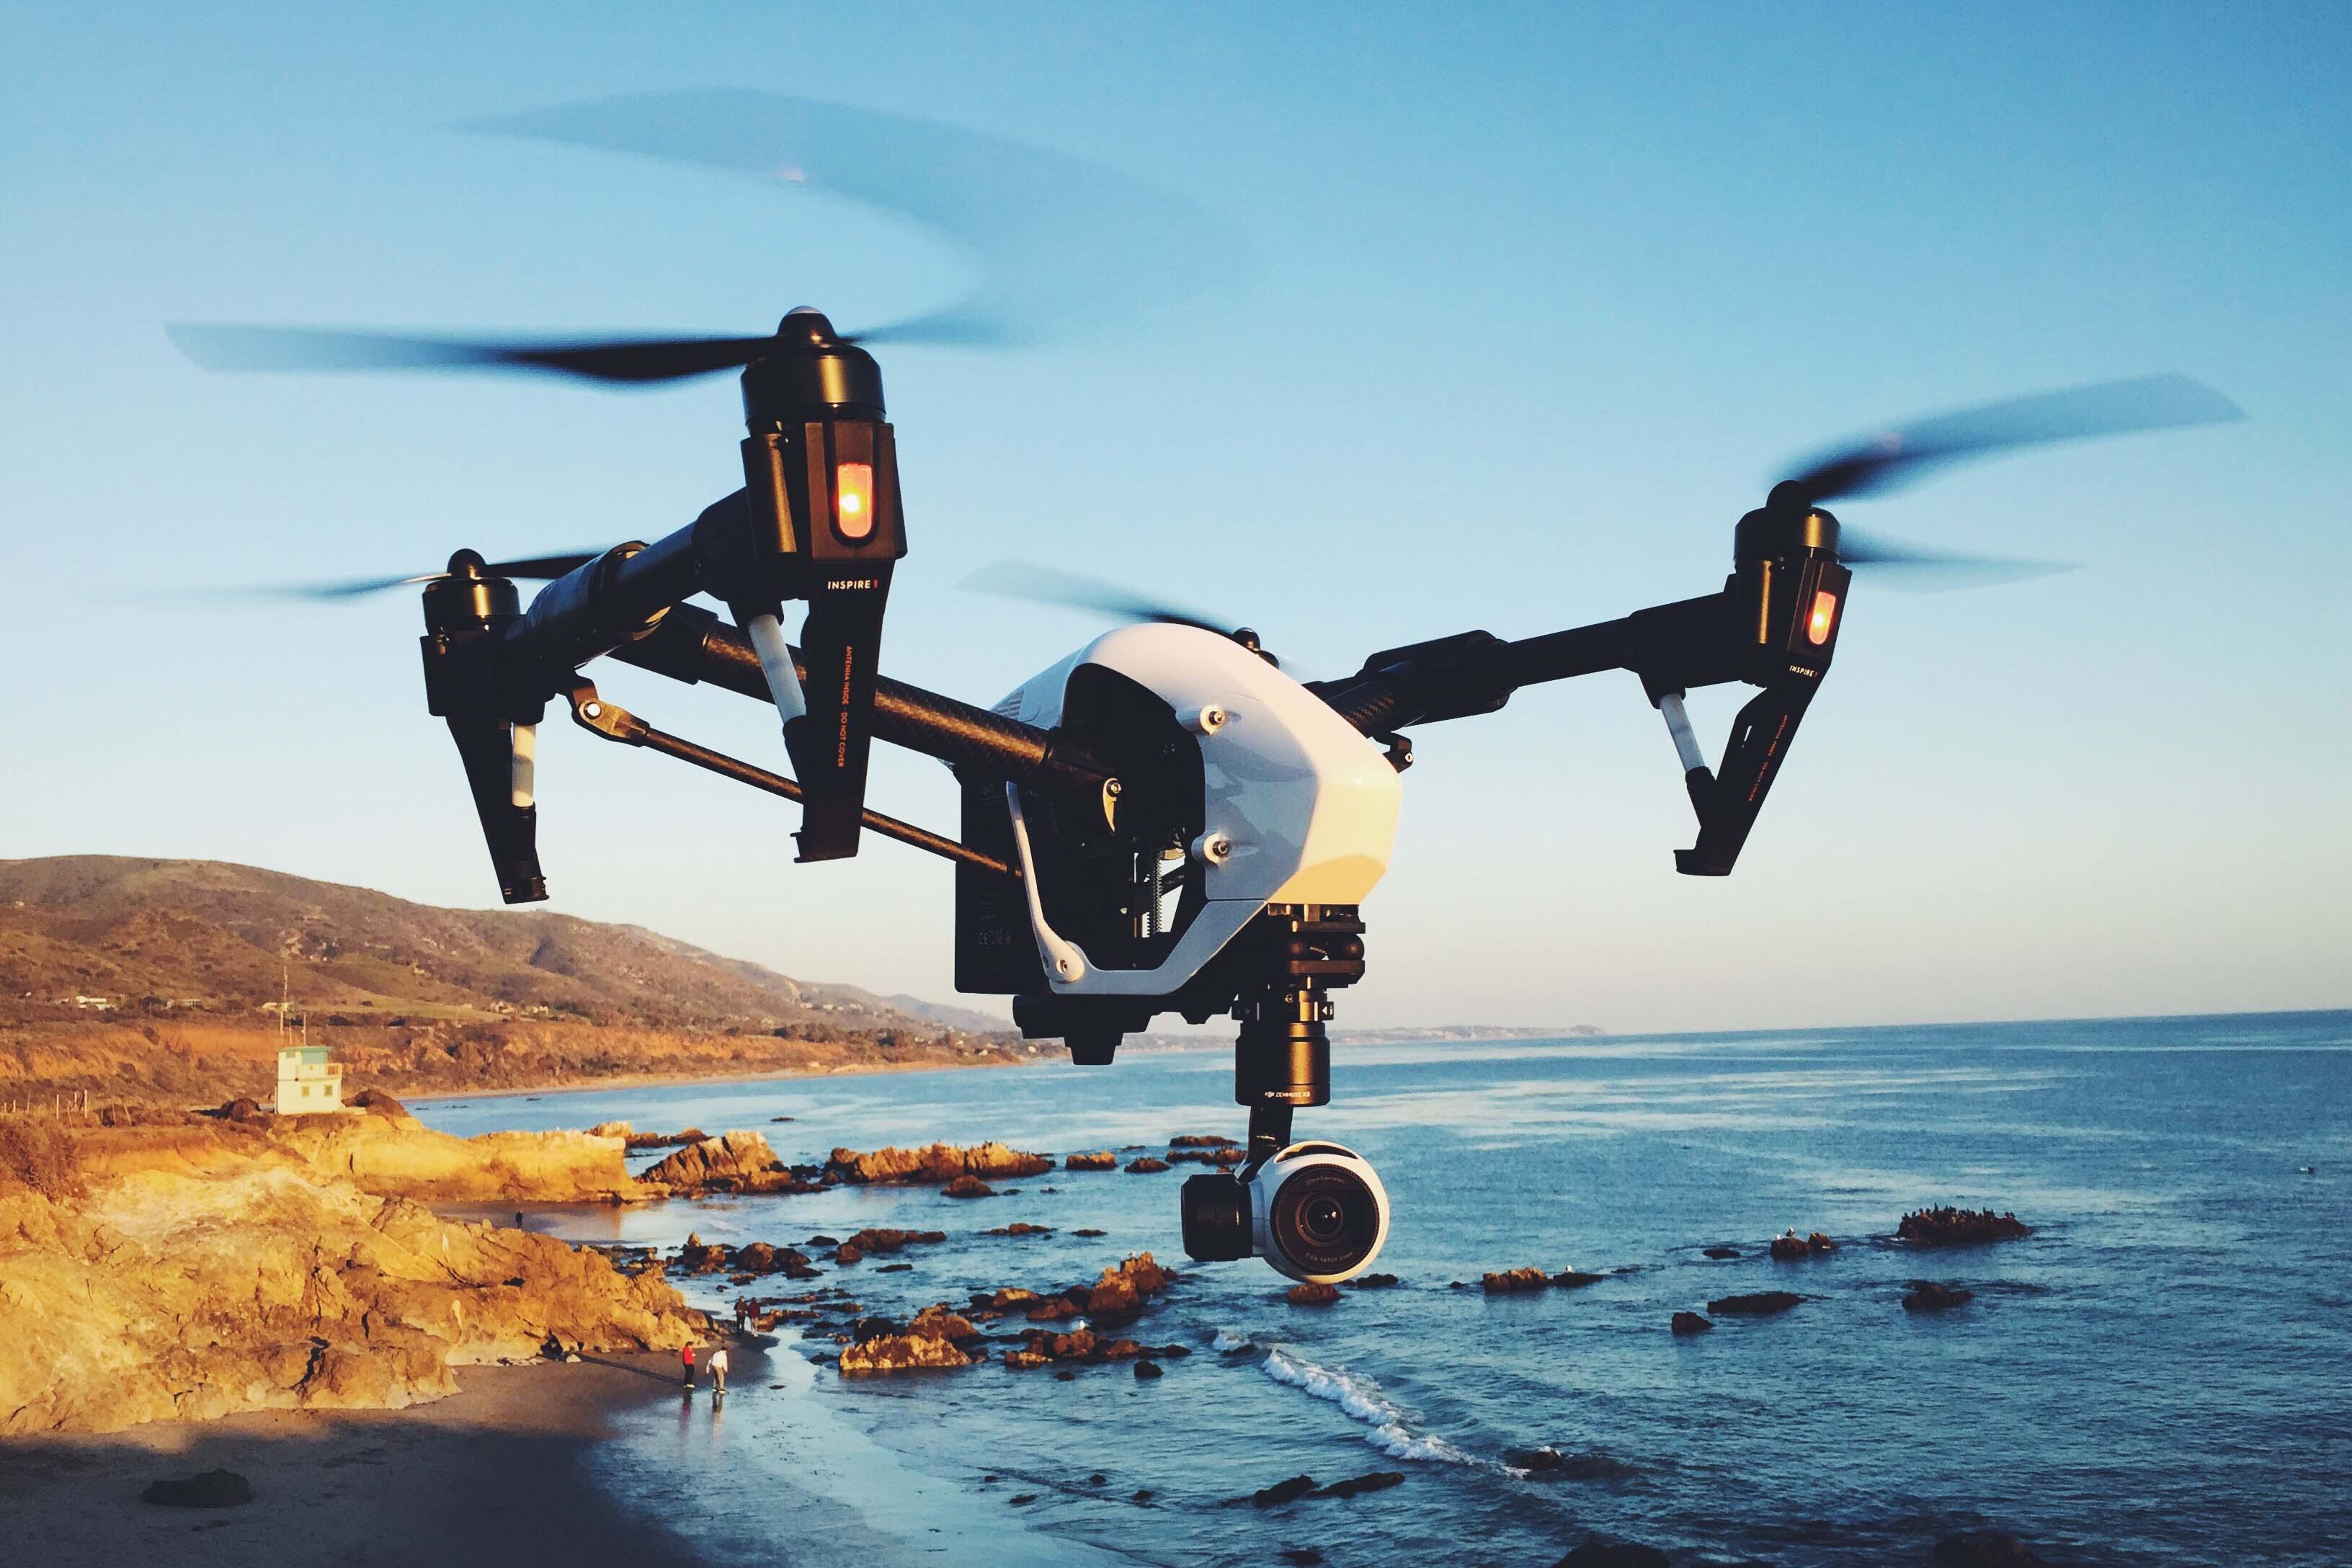 DJI compte sur un parachute pour ne blesser personne lors de la chute d'un drone